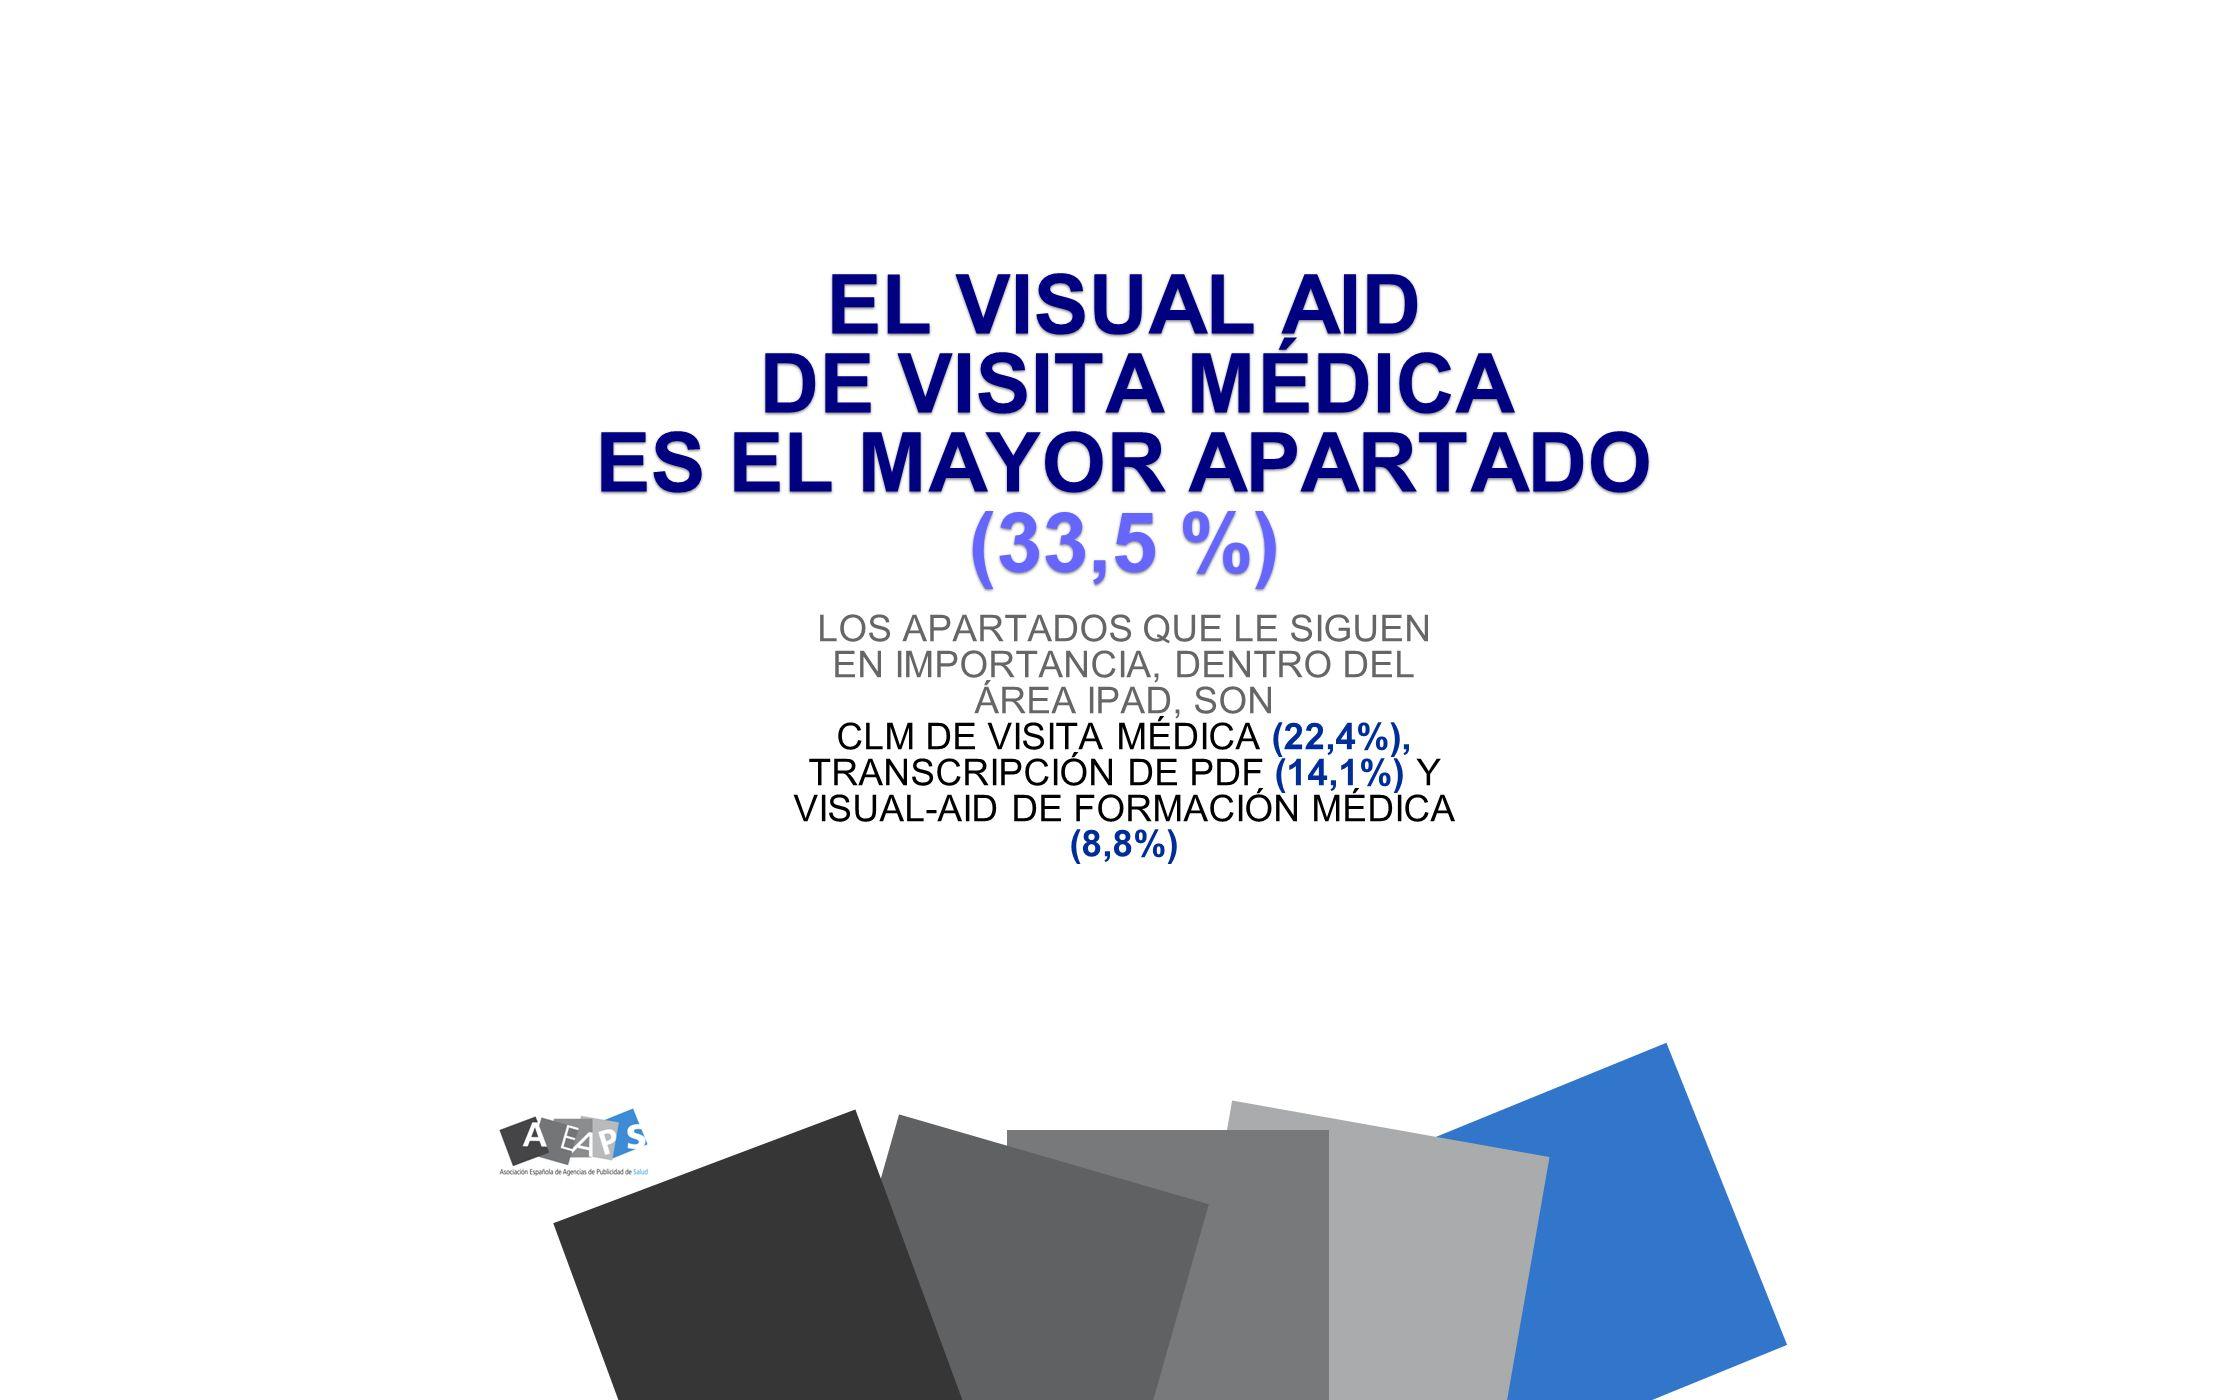 EL VISUAL AID DE VISITA MÉDICA ES EL MAYOR APARTADO (33,5 %)